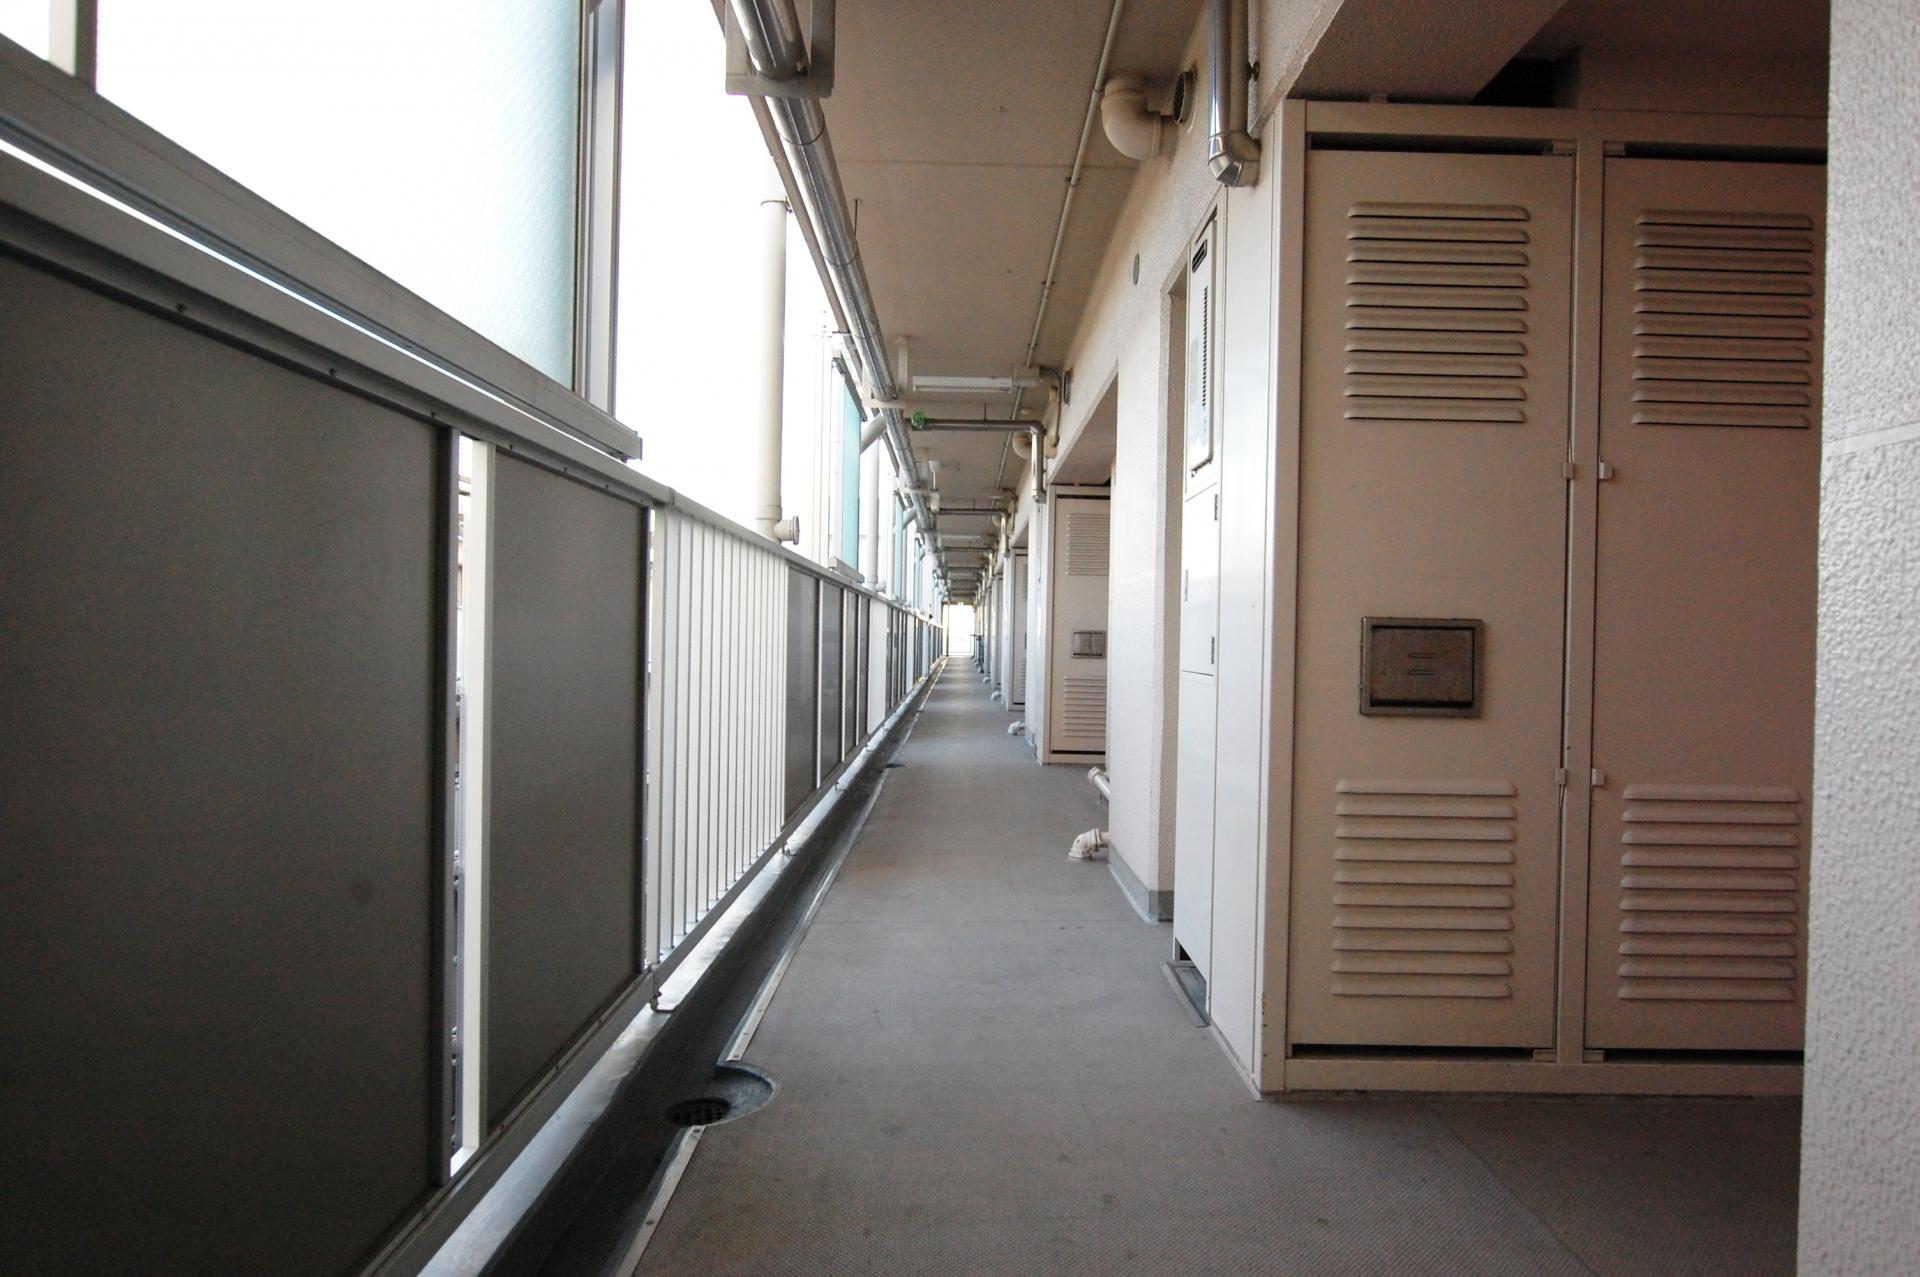 マンション廊下プライバシー